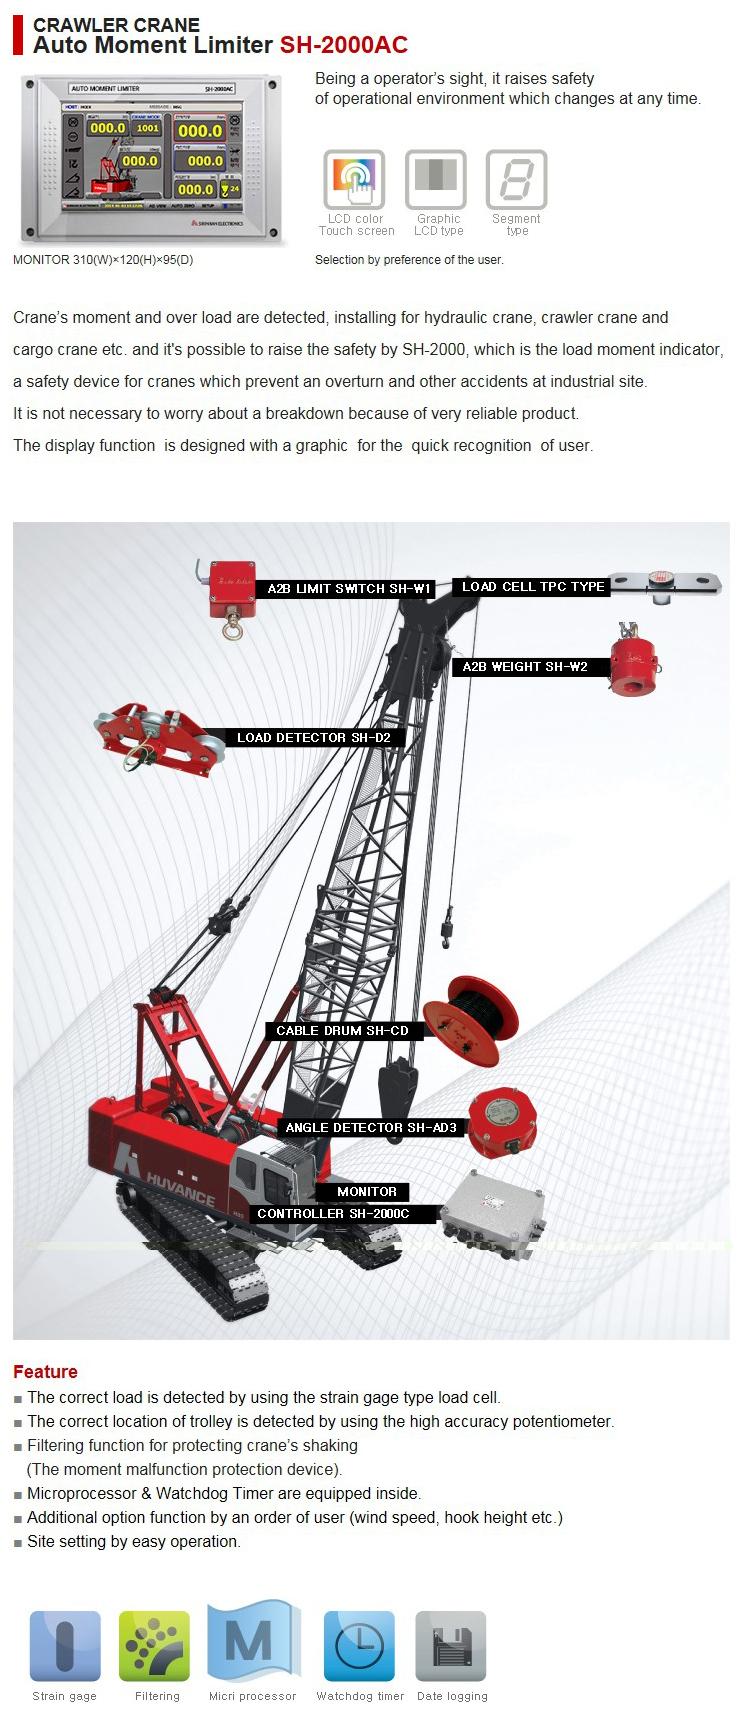 SHINHAN ELECTRIONICS Crawler Crane Auto Moment Limiter SH-2000AC